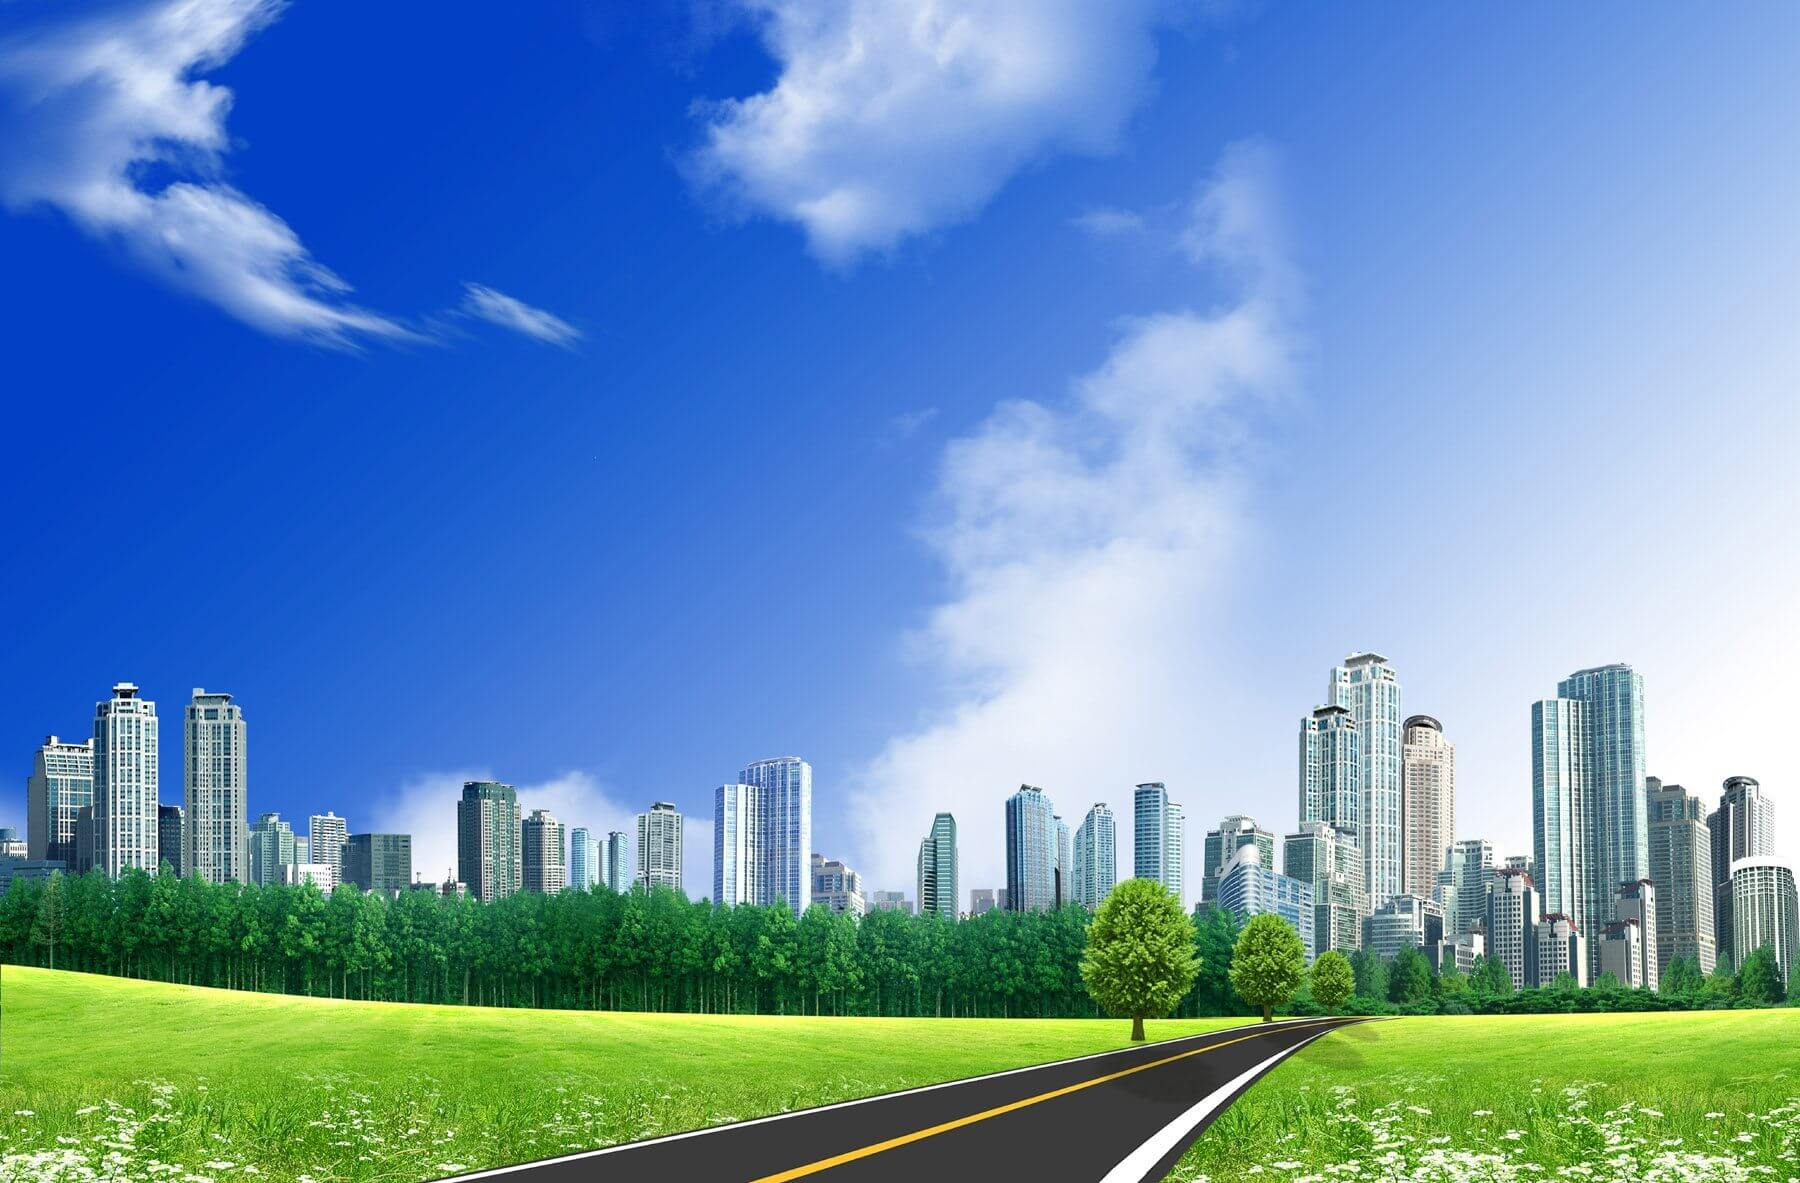 smt mc urban - Economia do Futuro para as Cidades: Mobilidade